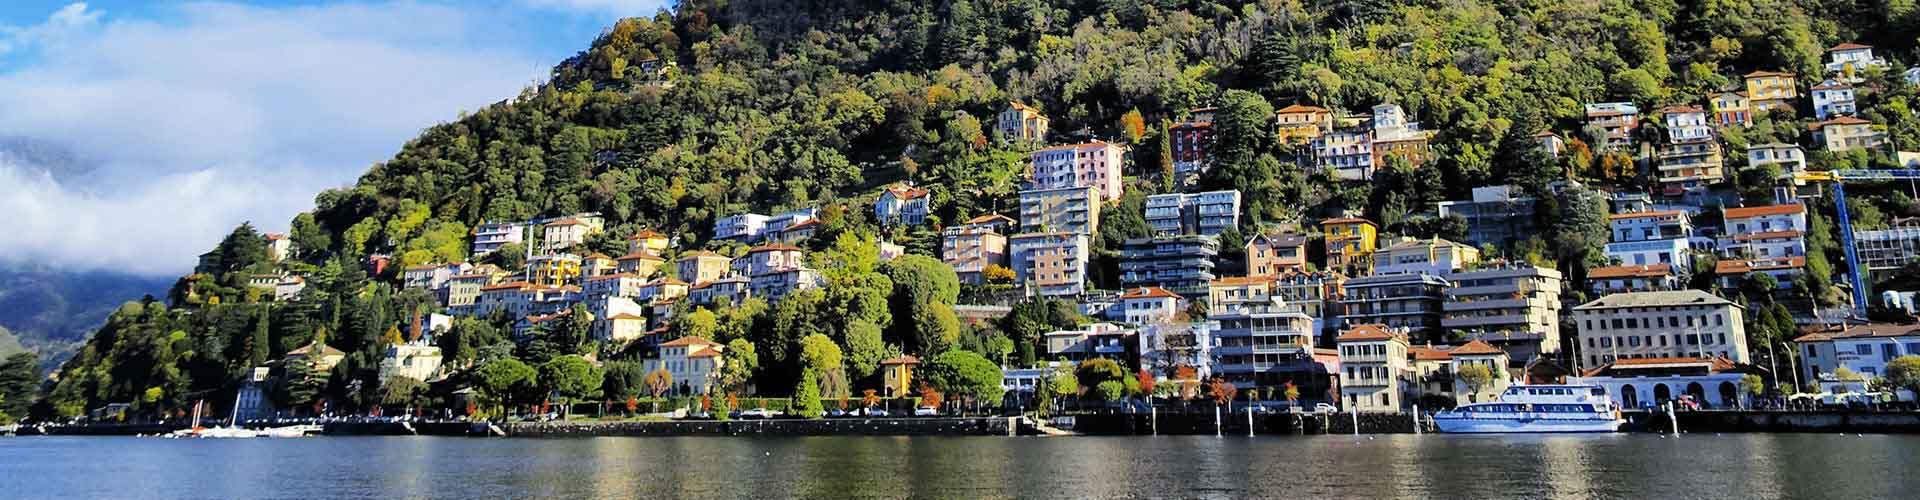 Comer See – Hostels in Comer See. Comer See auf der Karte. Fotos und Bewertungen für jedes Hostel in Comer See.